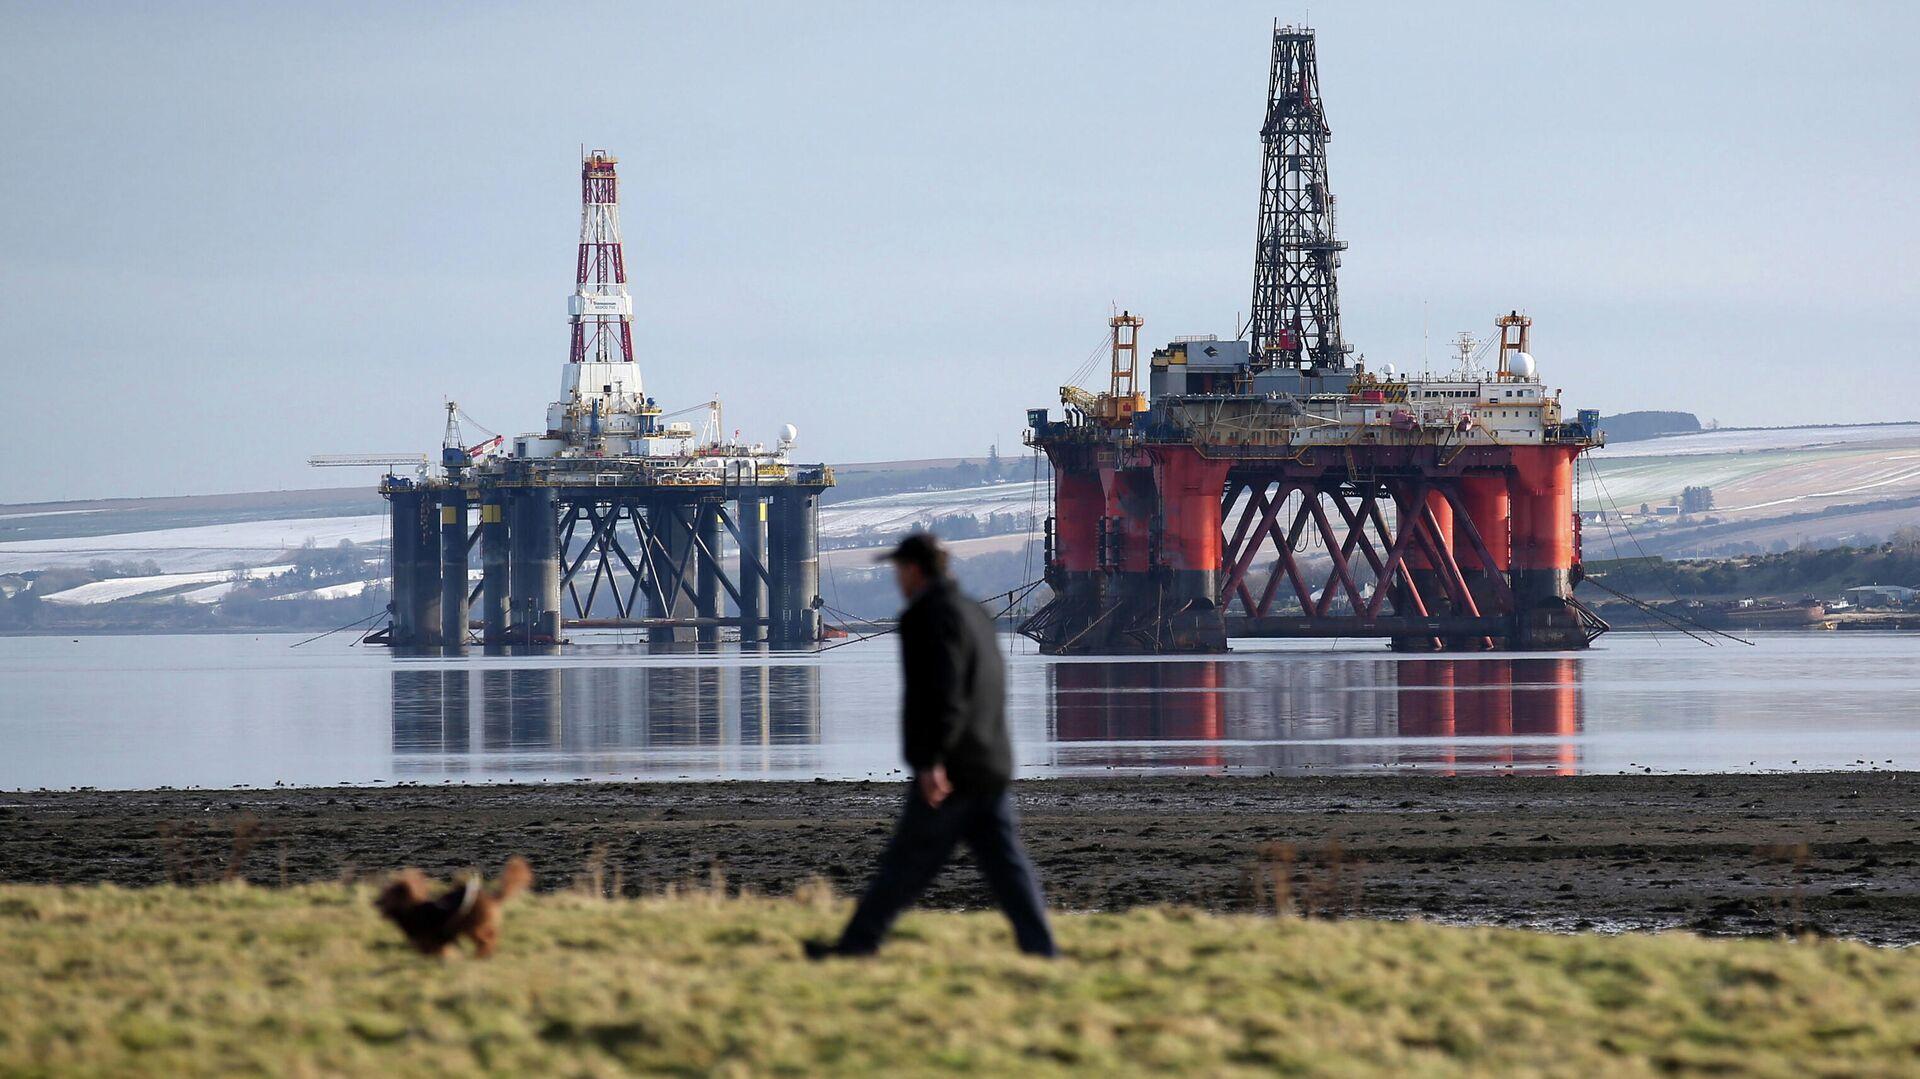 Нефтяные платформы у берегов Шотландии в Северном море - РИА Новости, 1920, 27.09.2021